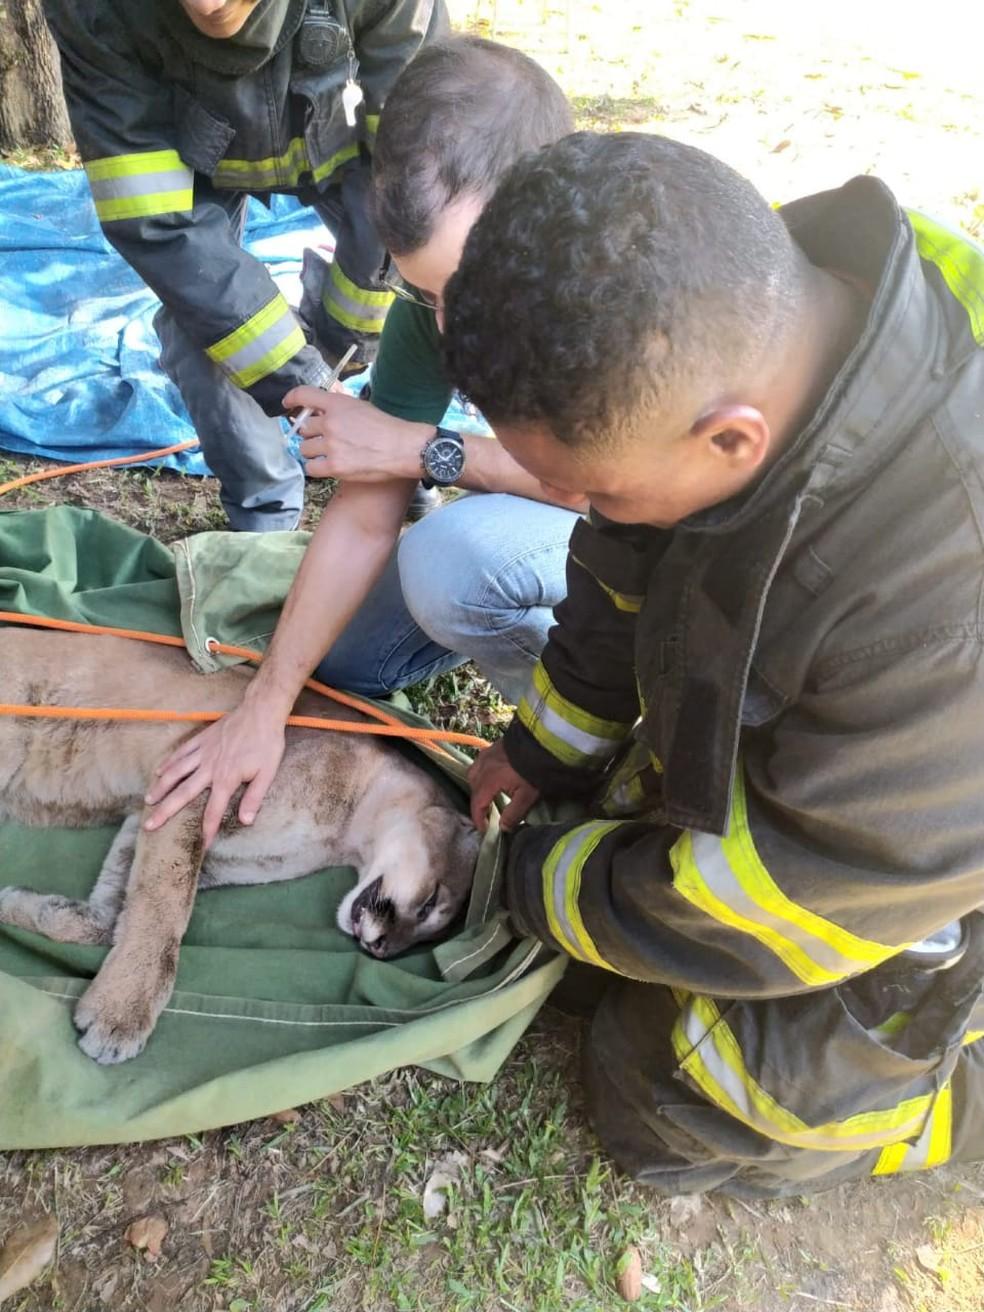 Especialistas avaliaram o felino depois da captura — Foto: Divulgação/Projeto Corredor das Onças